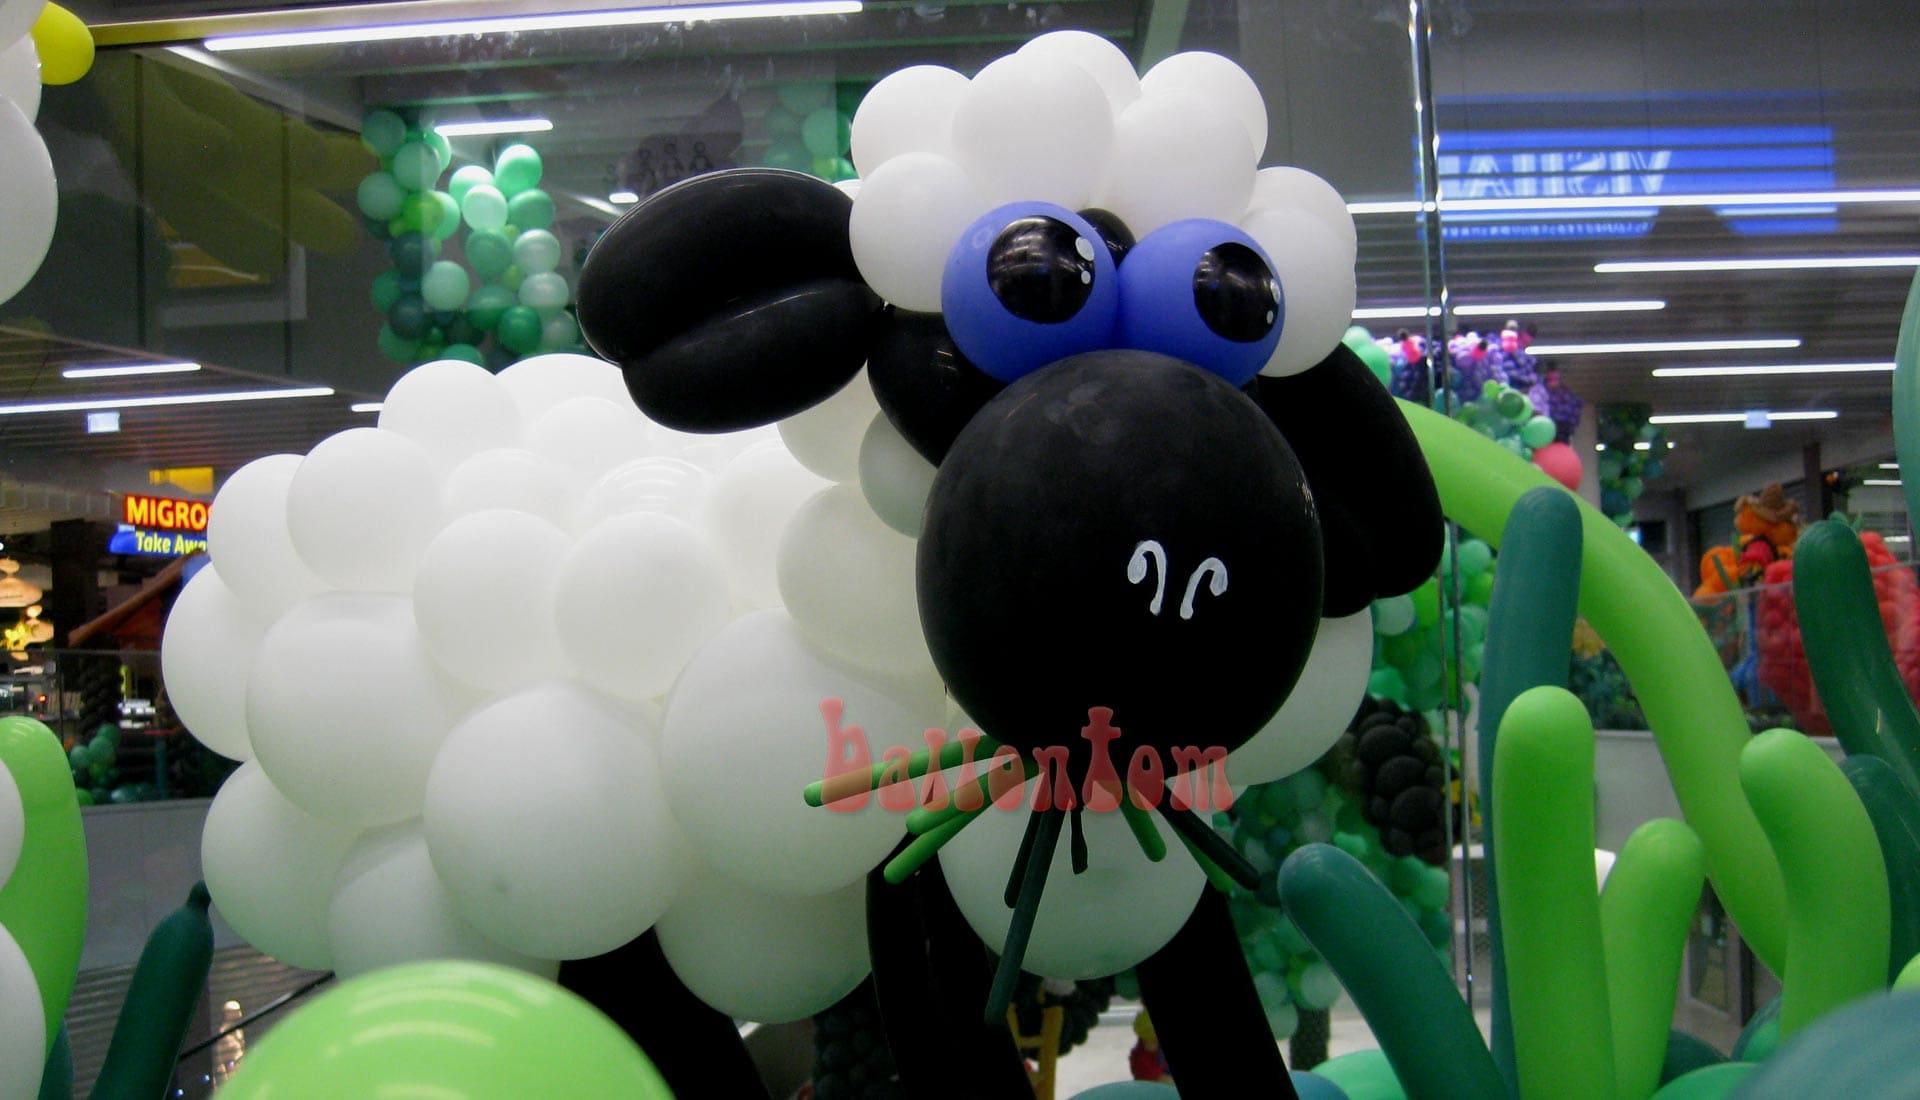 Ballonwelt Lausanne - Schweiz - Schaf - Projekt: Canniballoon Team Didier Dvorak - Unterstützt durch ballontom